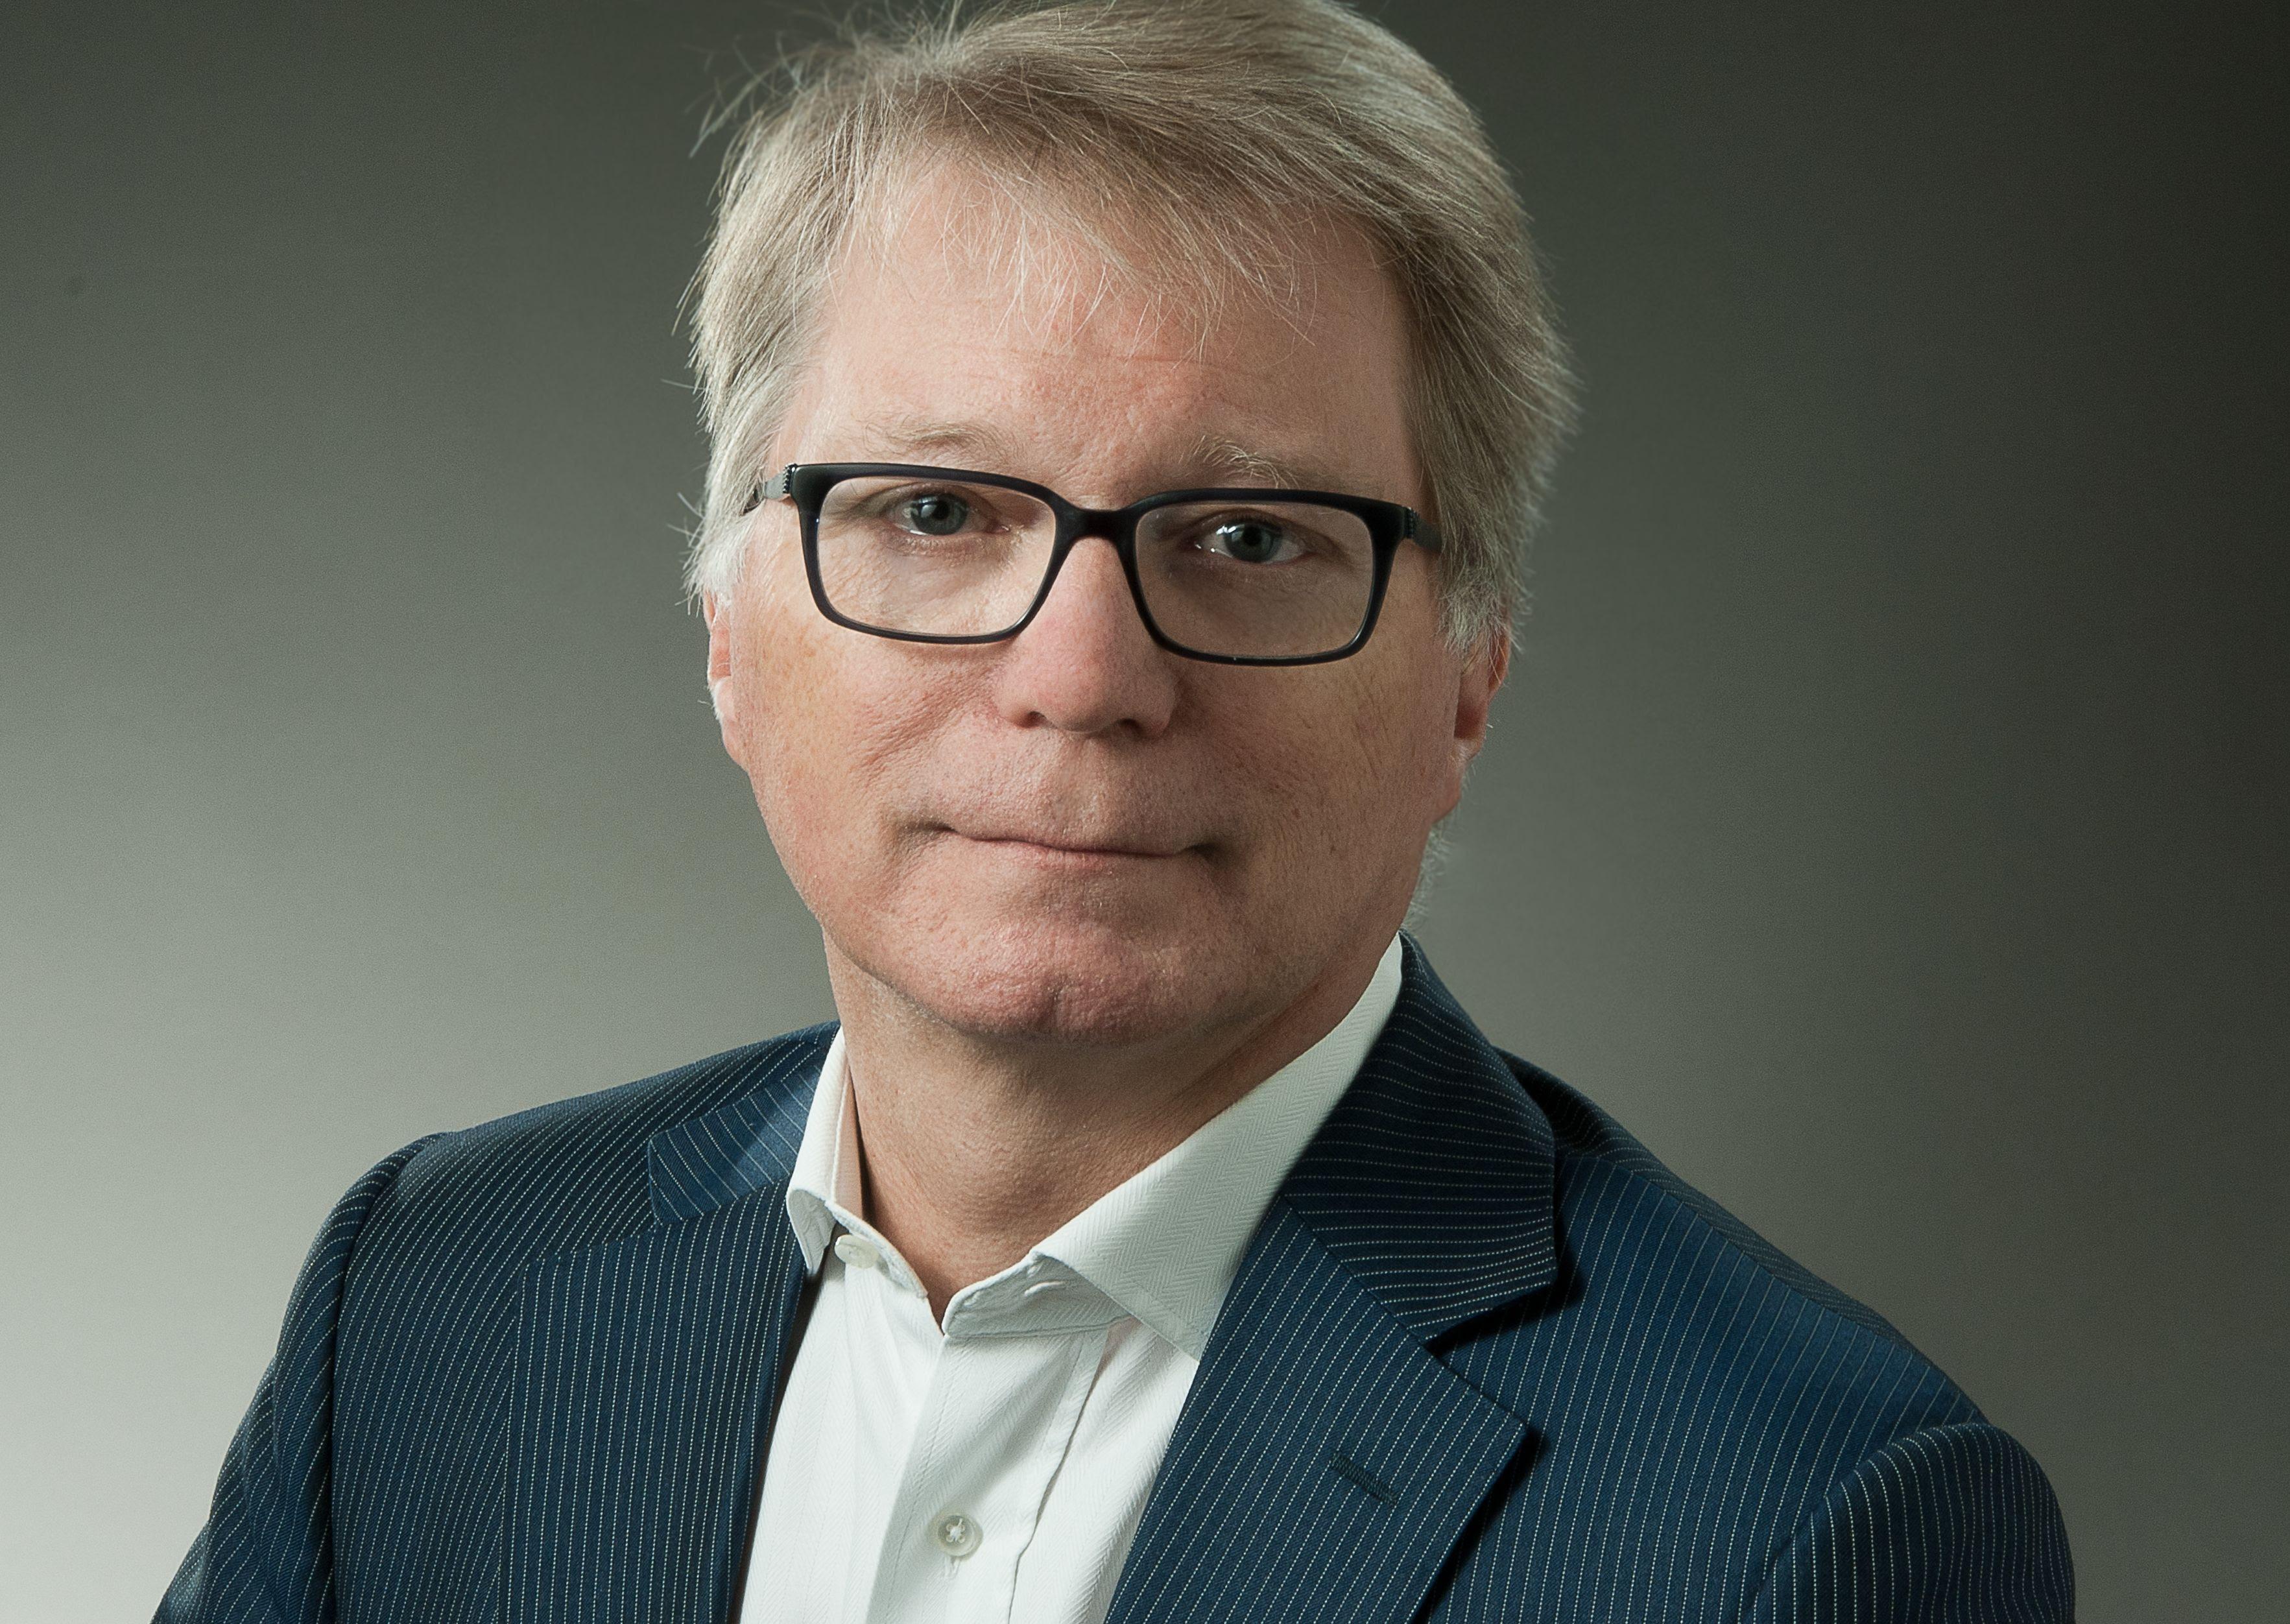 Dr. Thomas Bayer